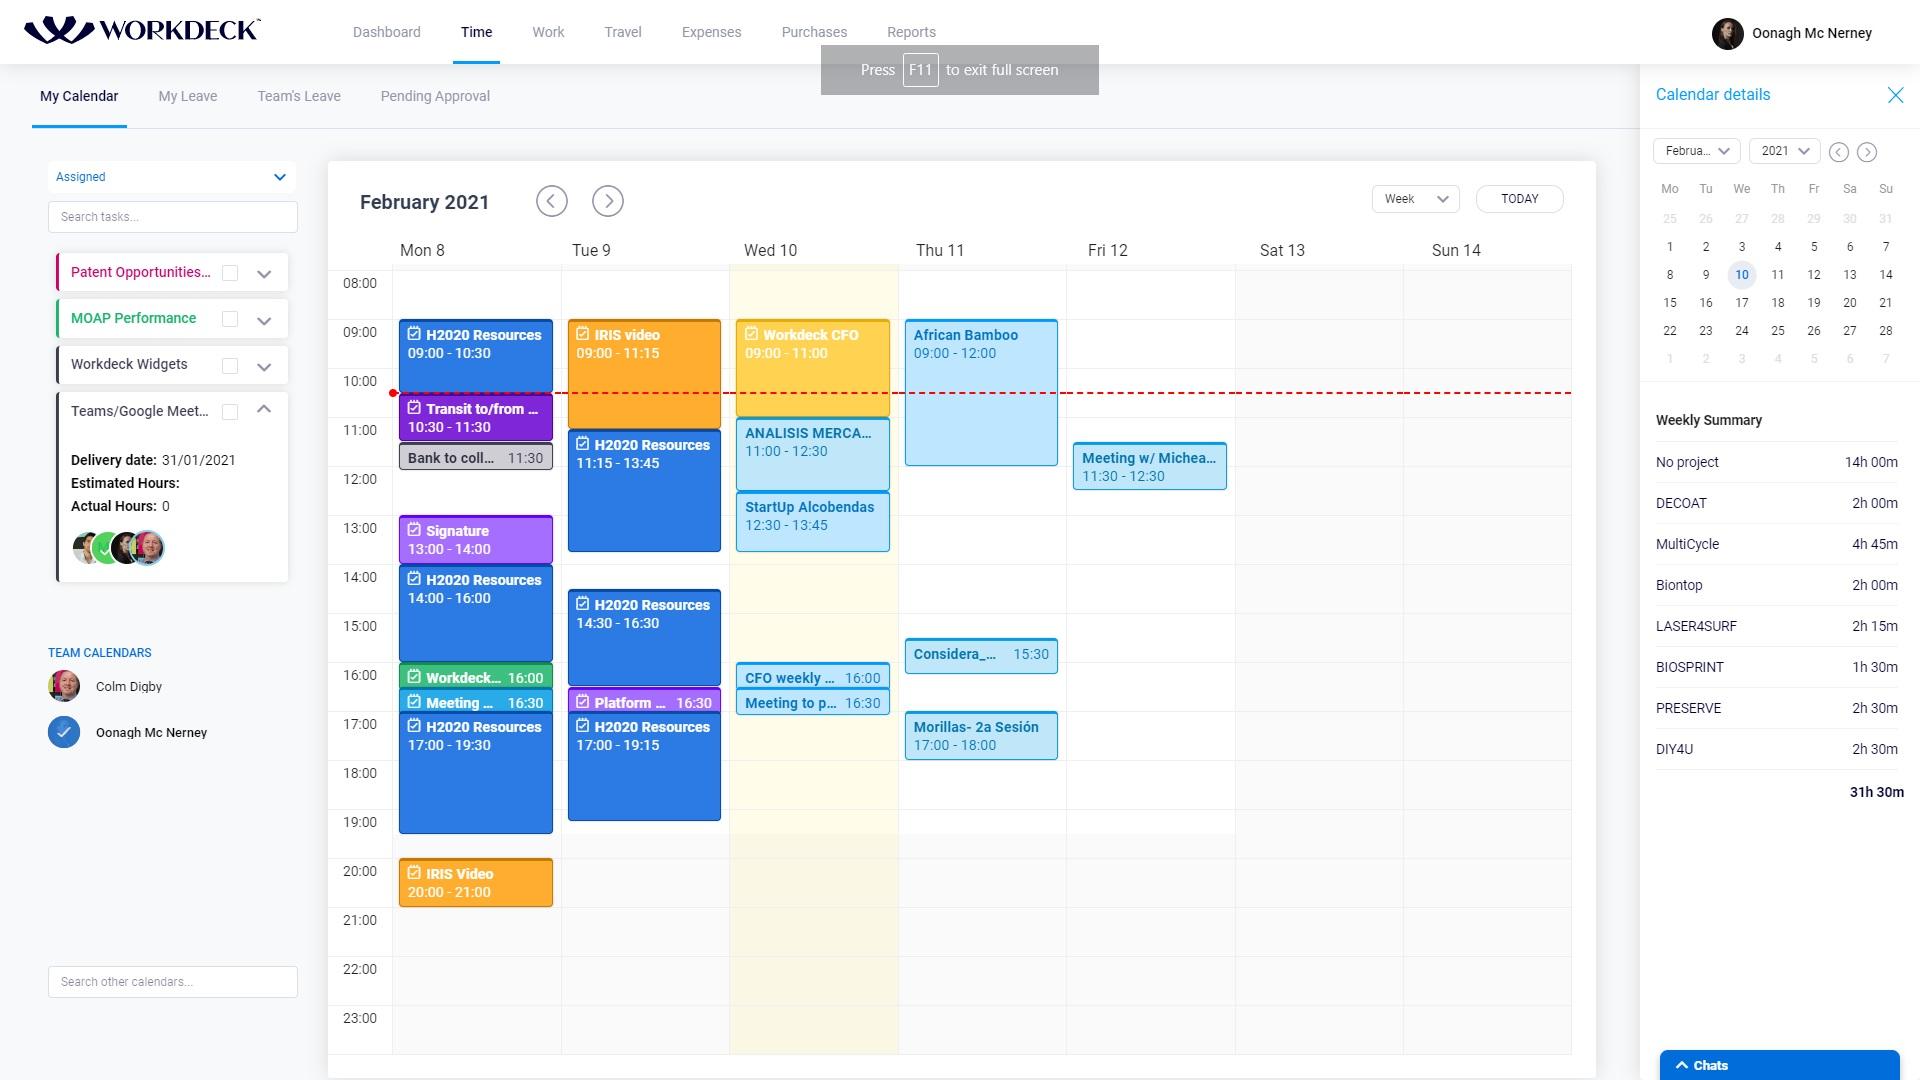 Workdeck calendar management